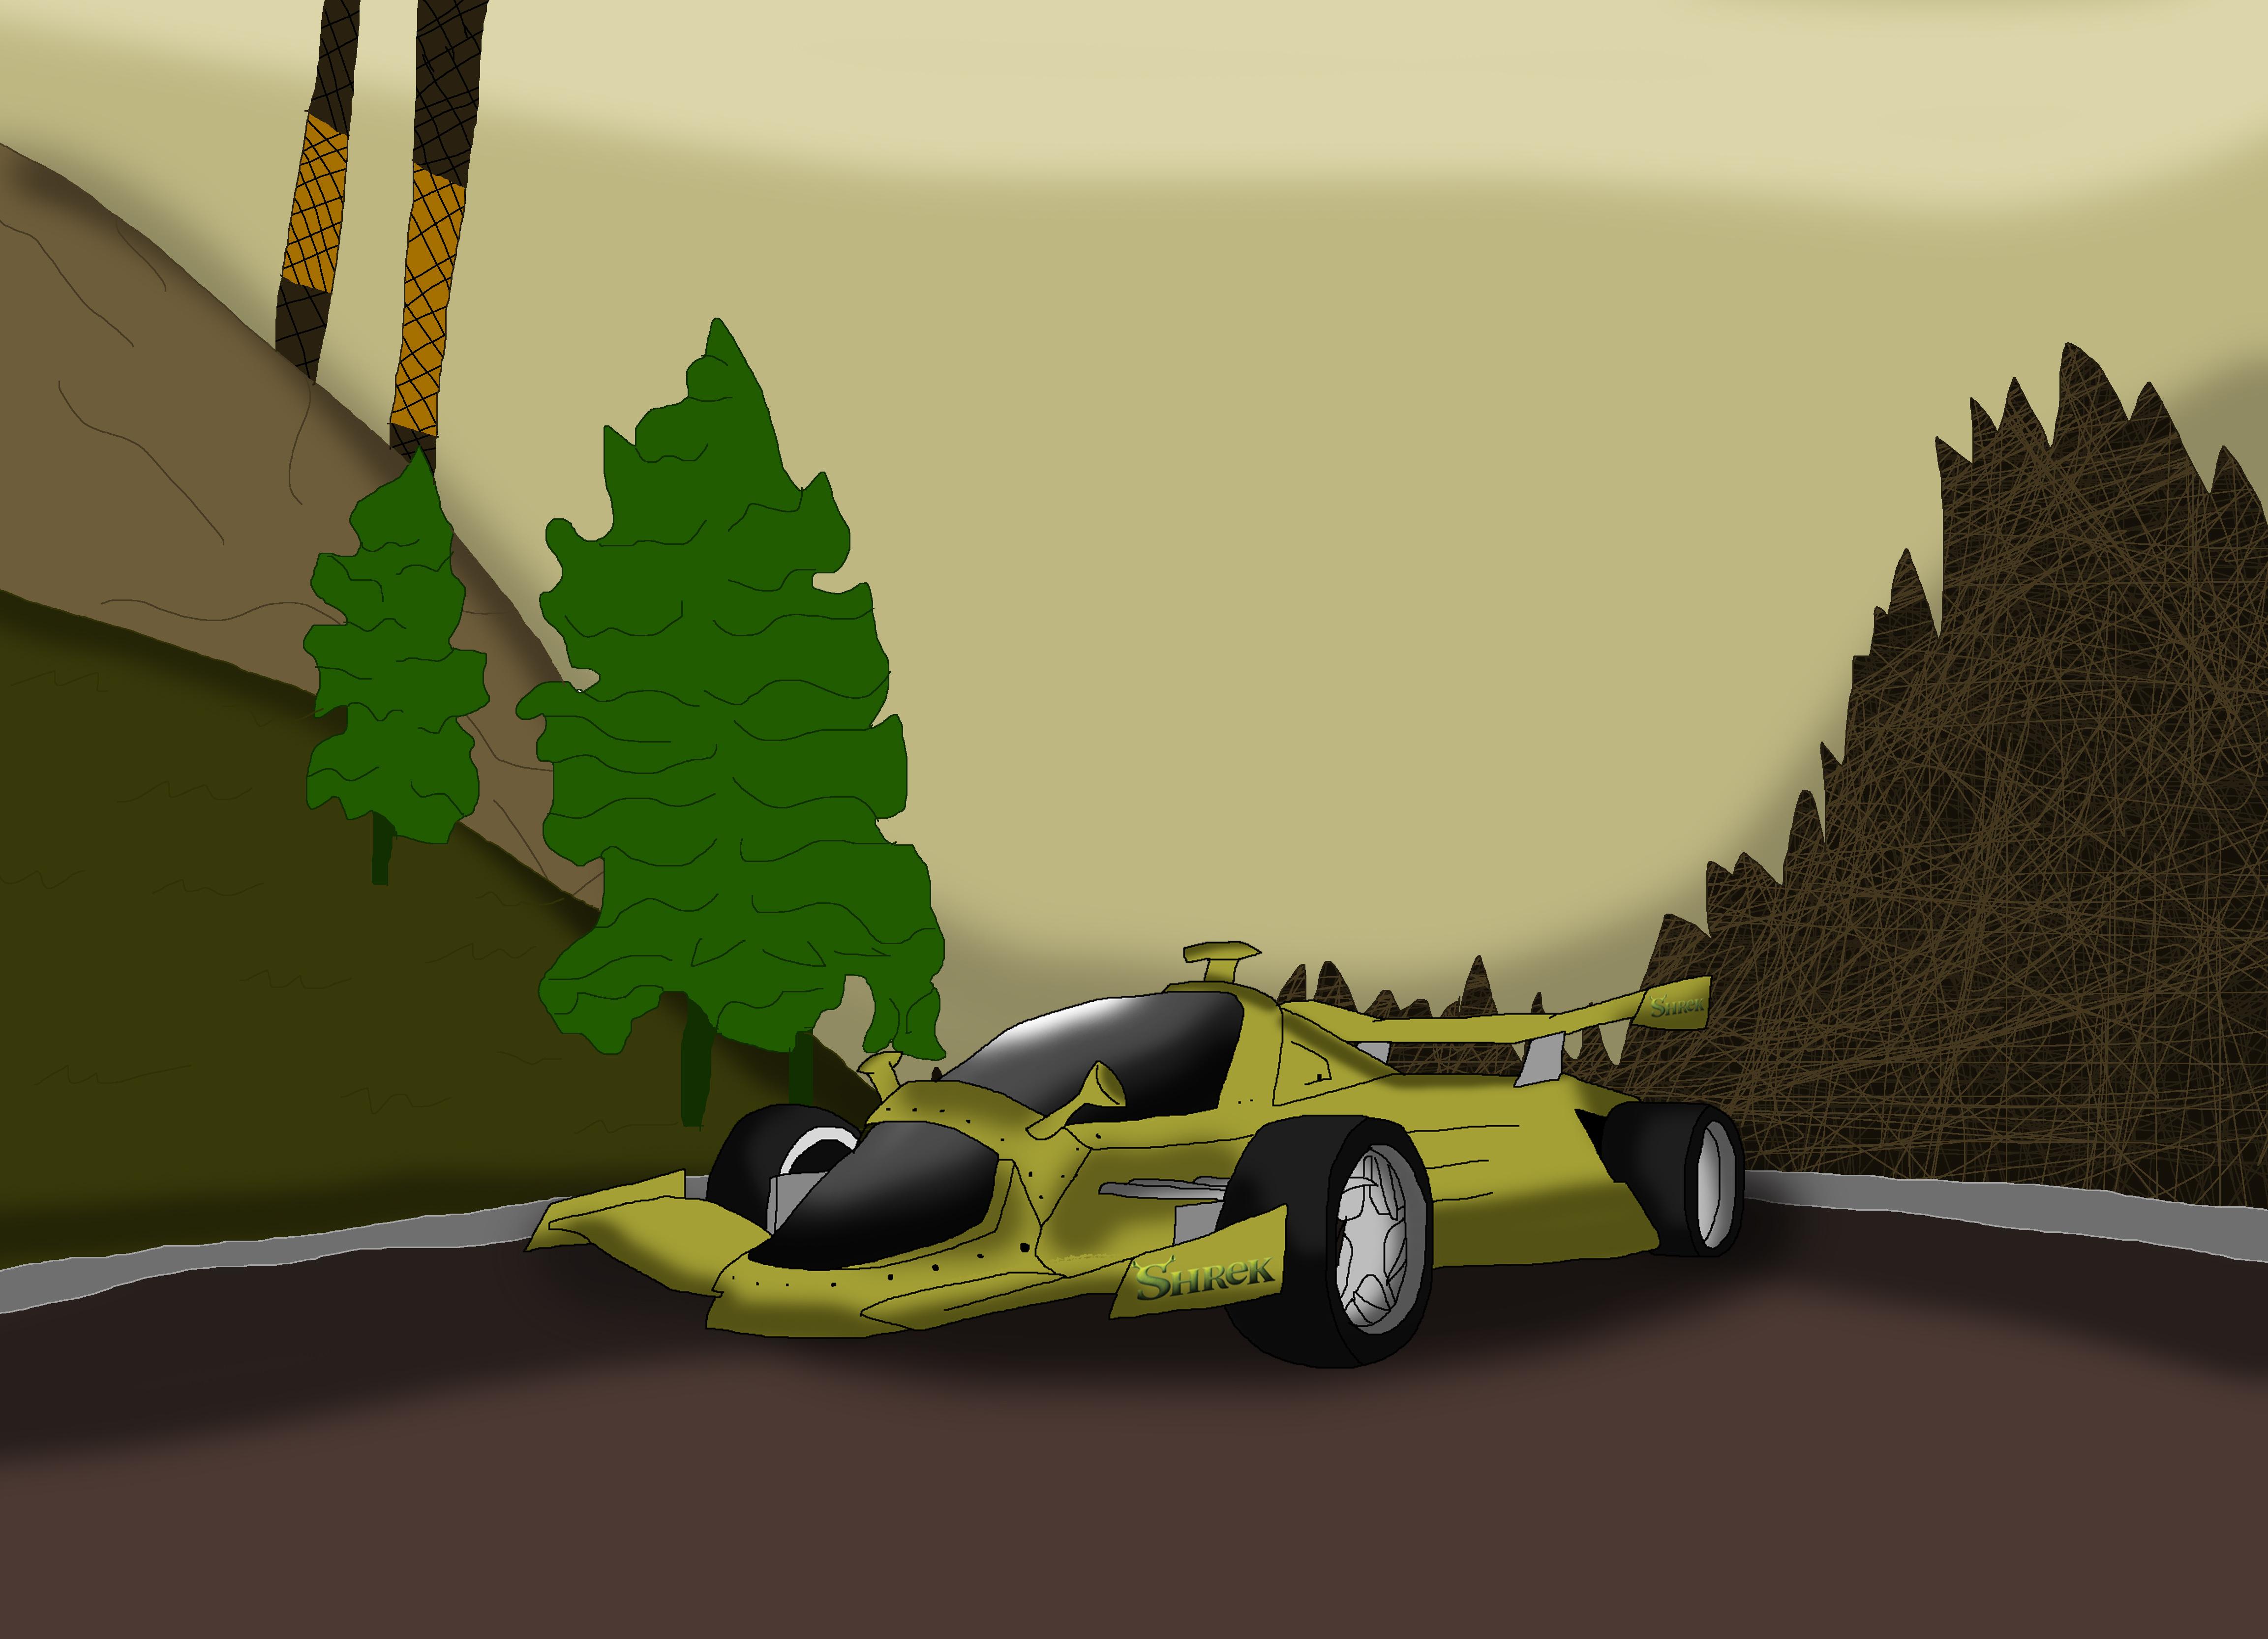 Shrek Car by Rainbow-Dash-Rockz